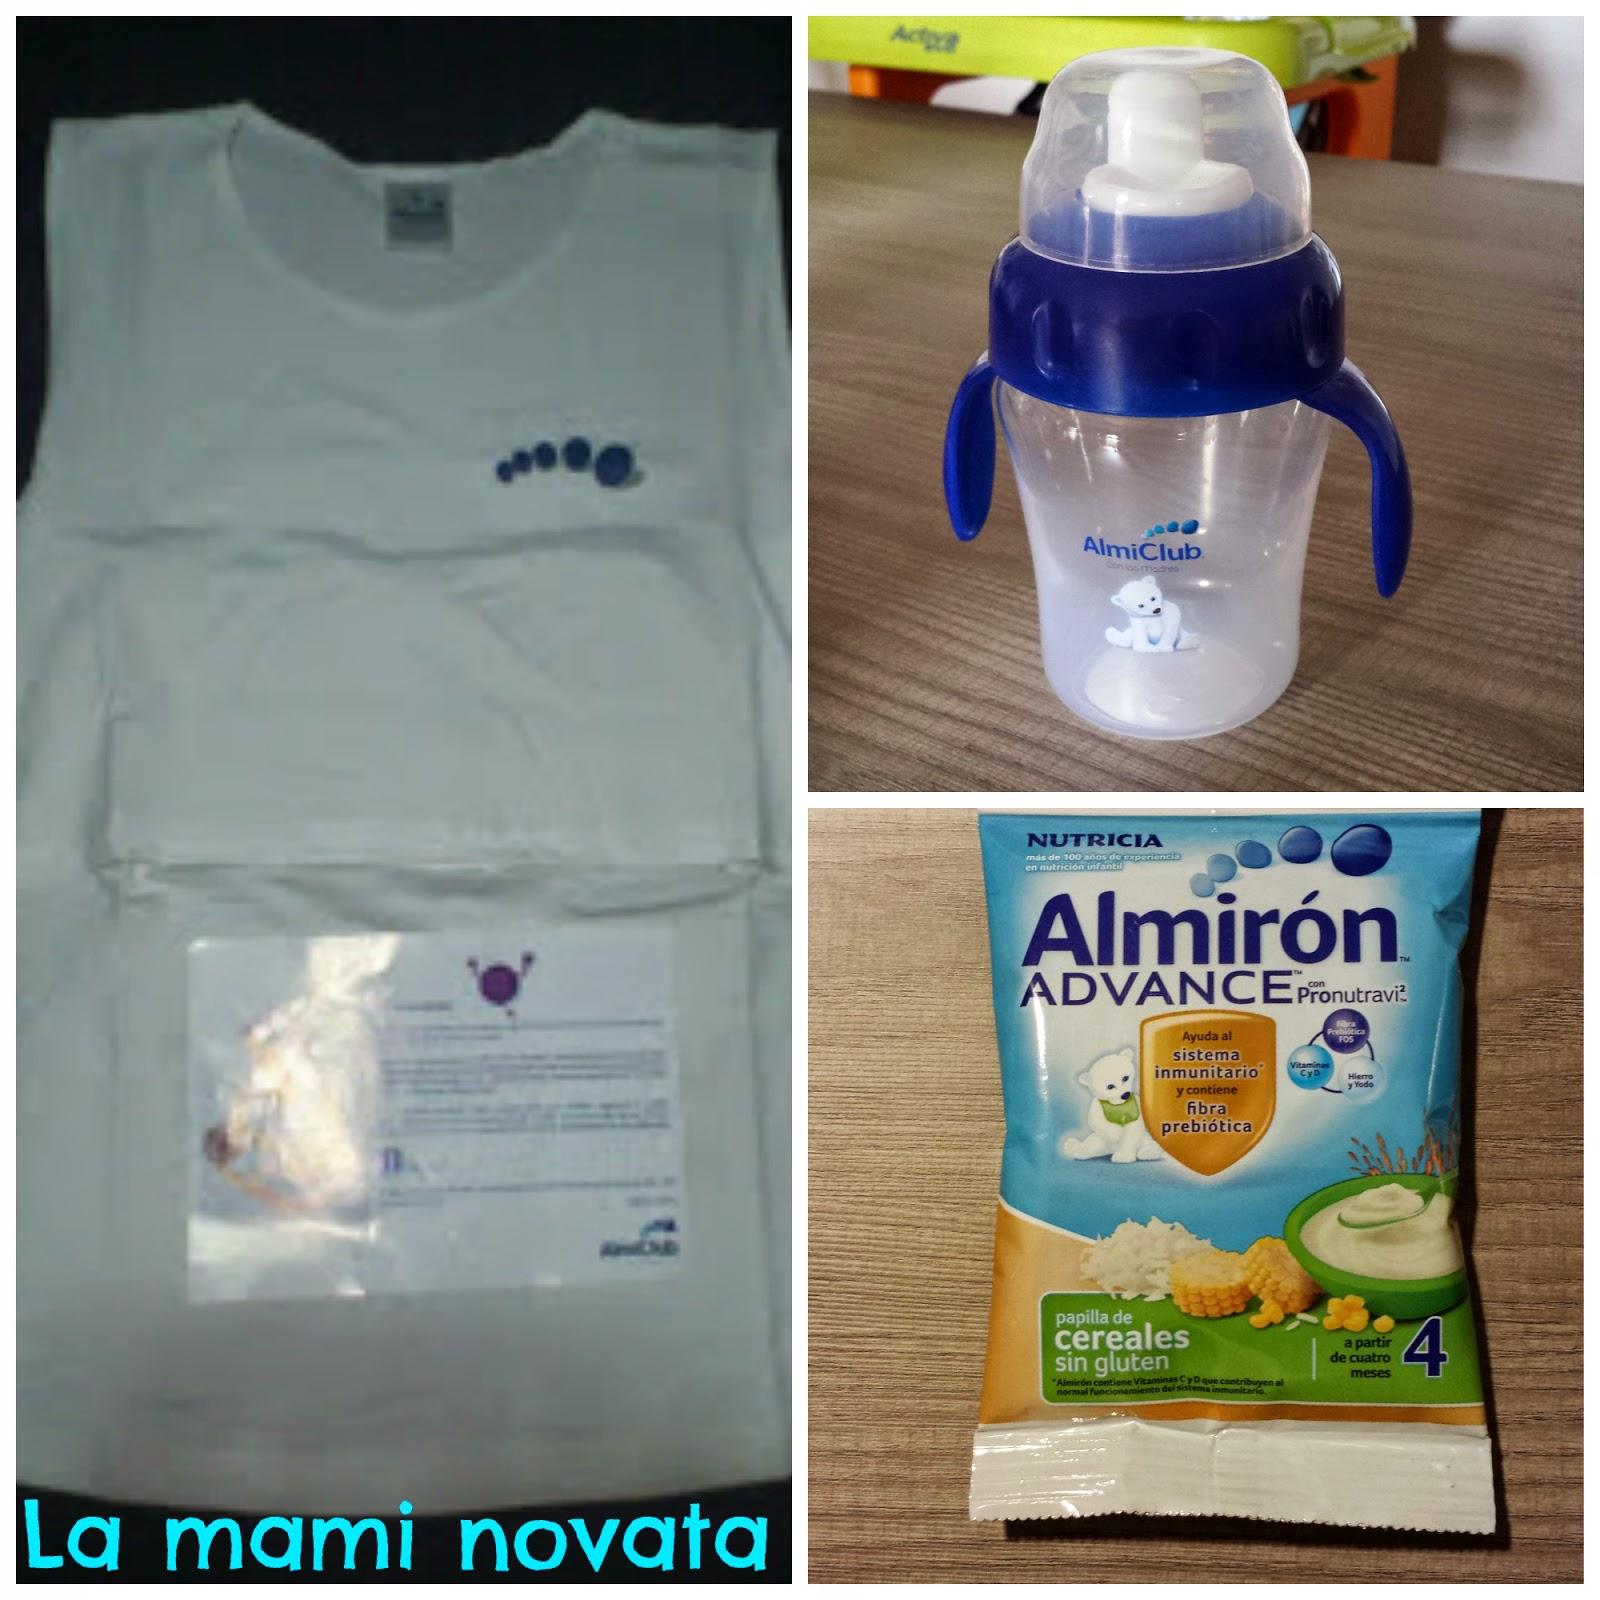 imagenes para camisas de promocion - imagenes de camisas | [Tuto] Crear Camisetas en Photoshop Principiantes YouTube